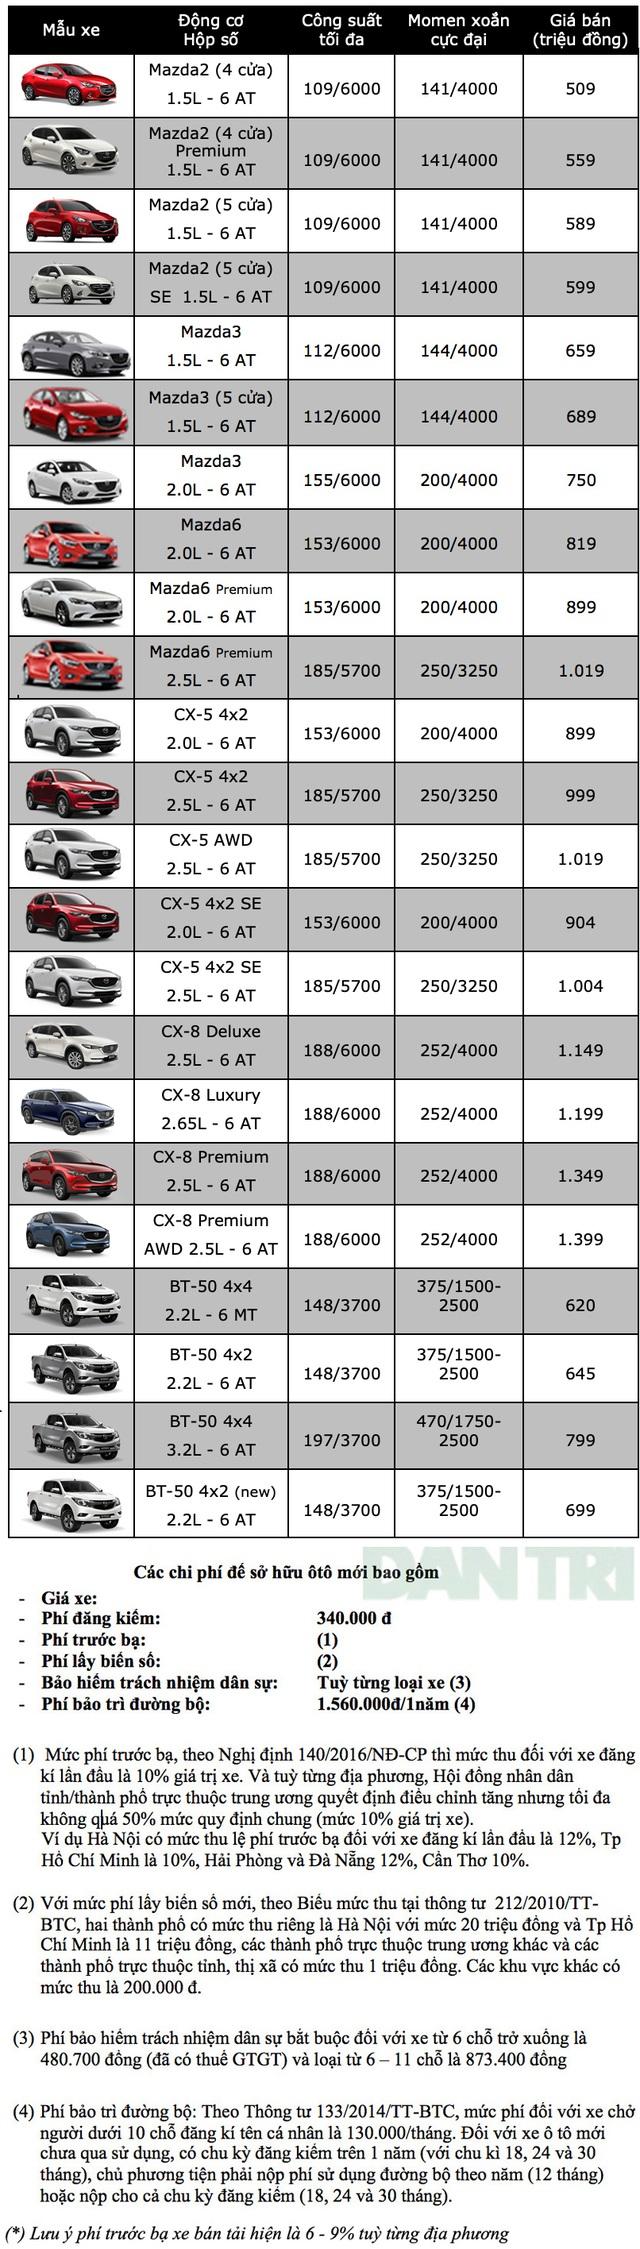 Bảng giá Mazda tại Việt Nam cập nhật tháng 6/2019 - 1